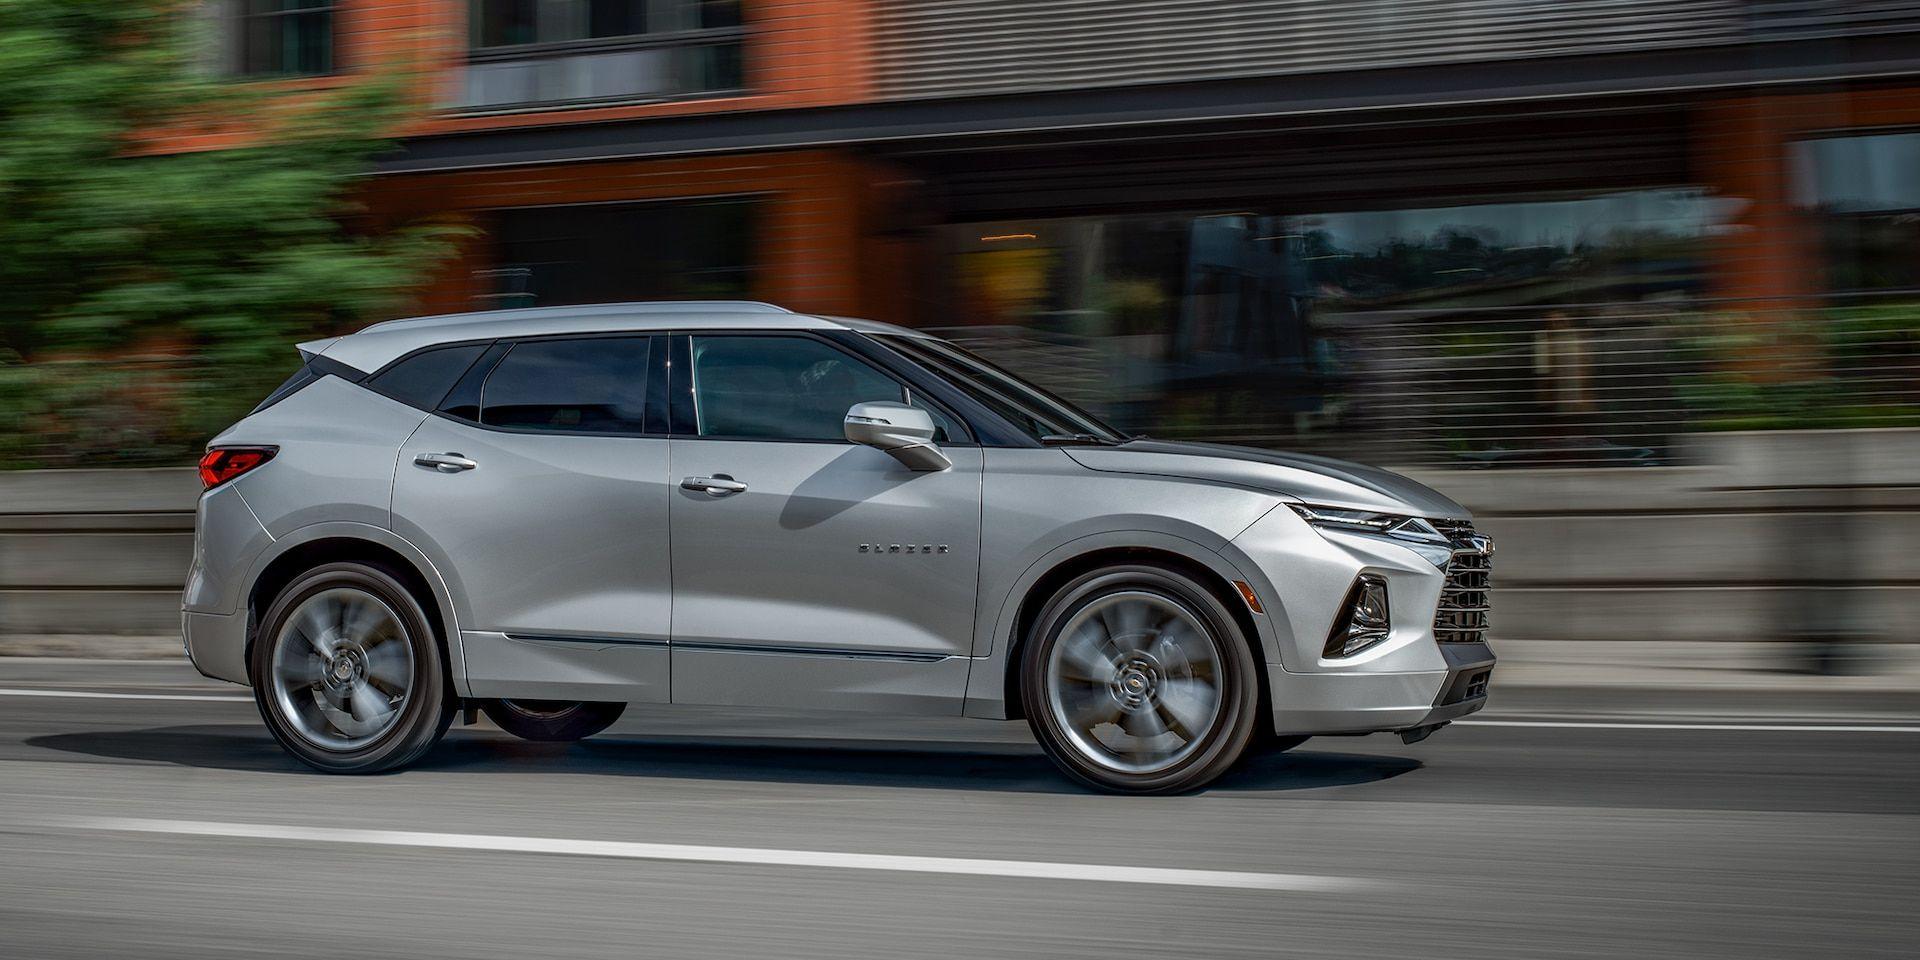 New Chevy Suv >> 2019 Chevrolet Blazer Sporty Suv At Chevrolet Cadillac Of Santa Fe